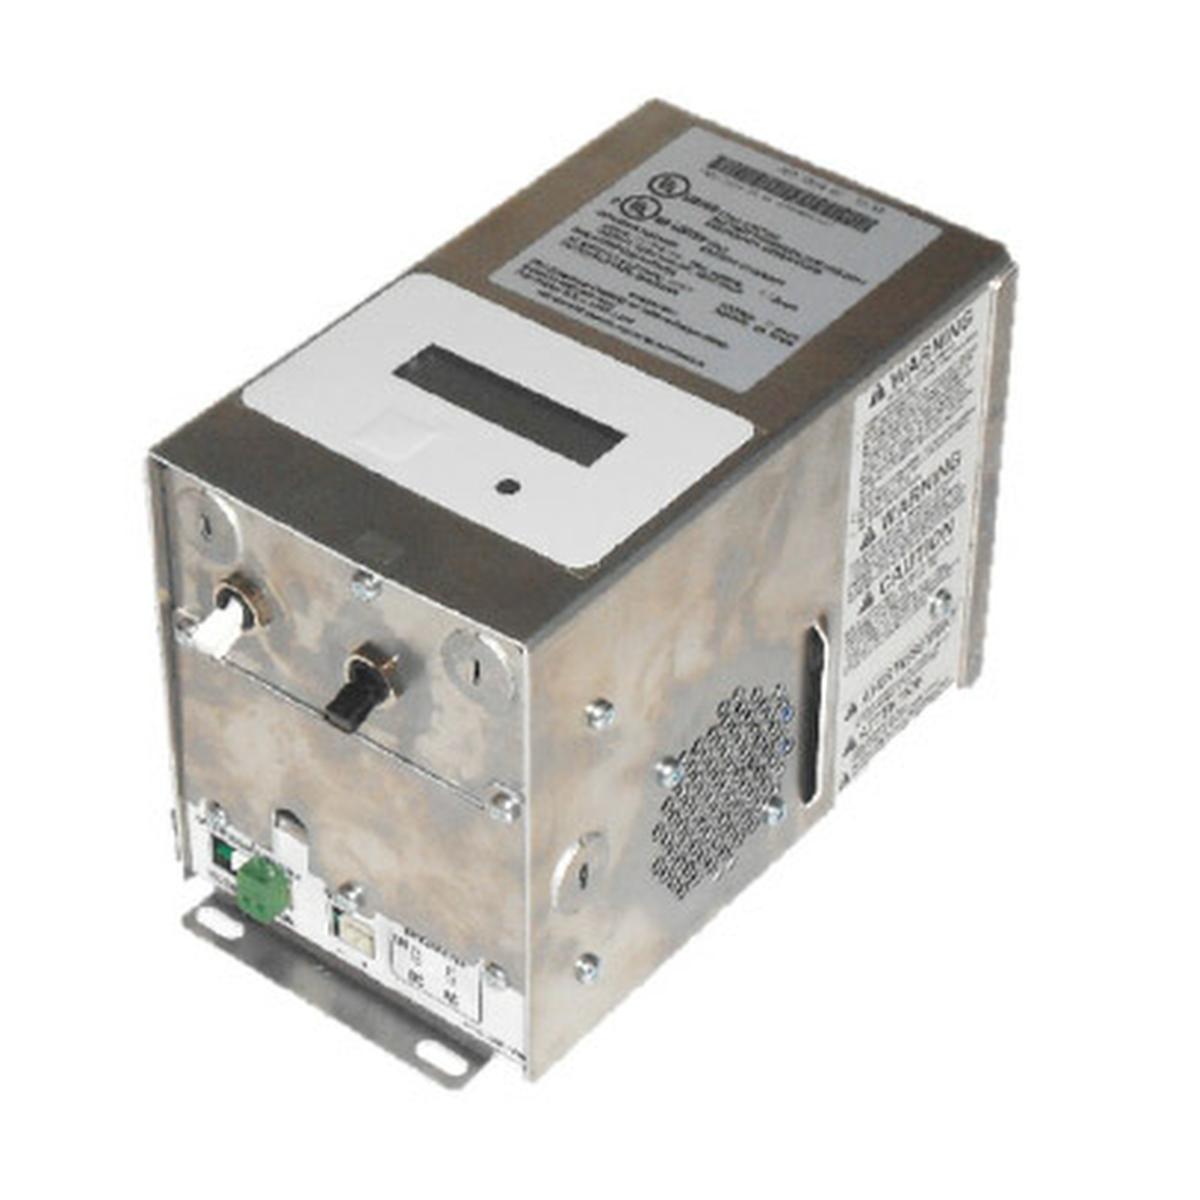 Free manual downloads Onan generators